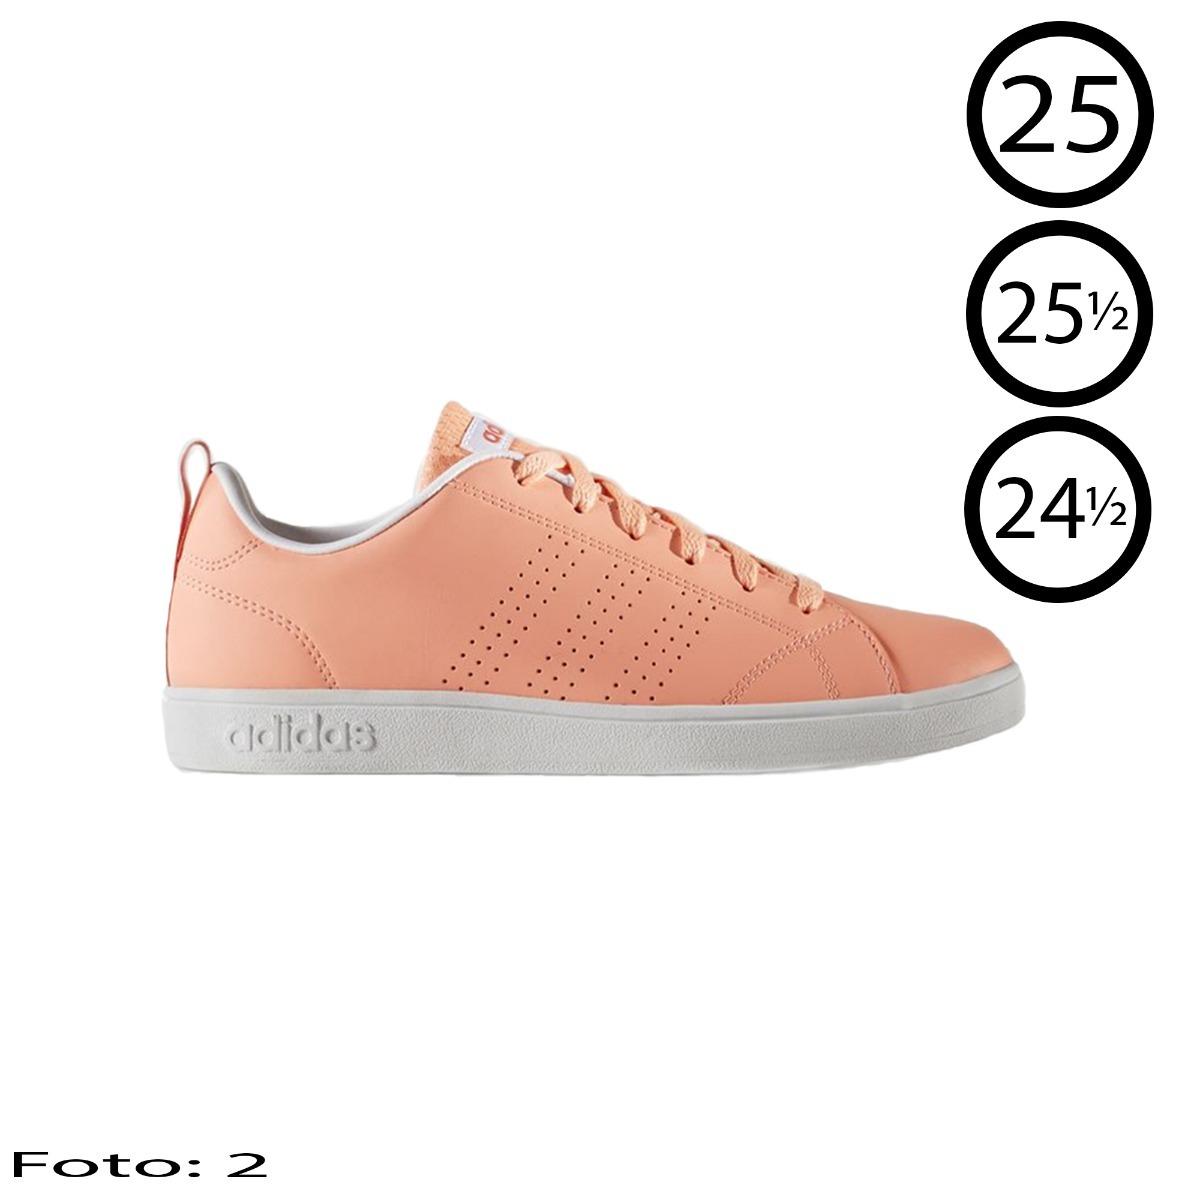 5b2151b452dc2 tenis-adidas-por-promocion-unicos-pares-de-mujer -D NQ NP 664349-MLM28067761722 082018-F.jpg